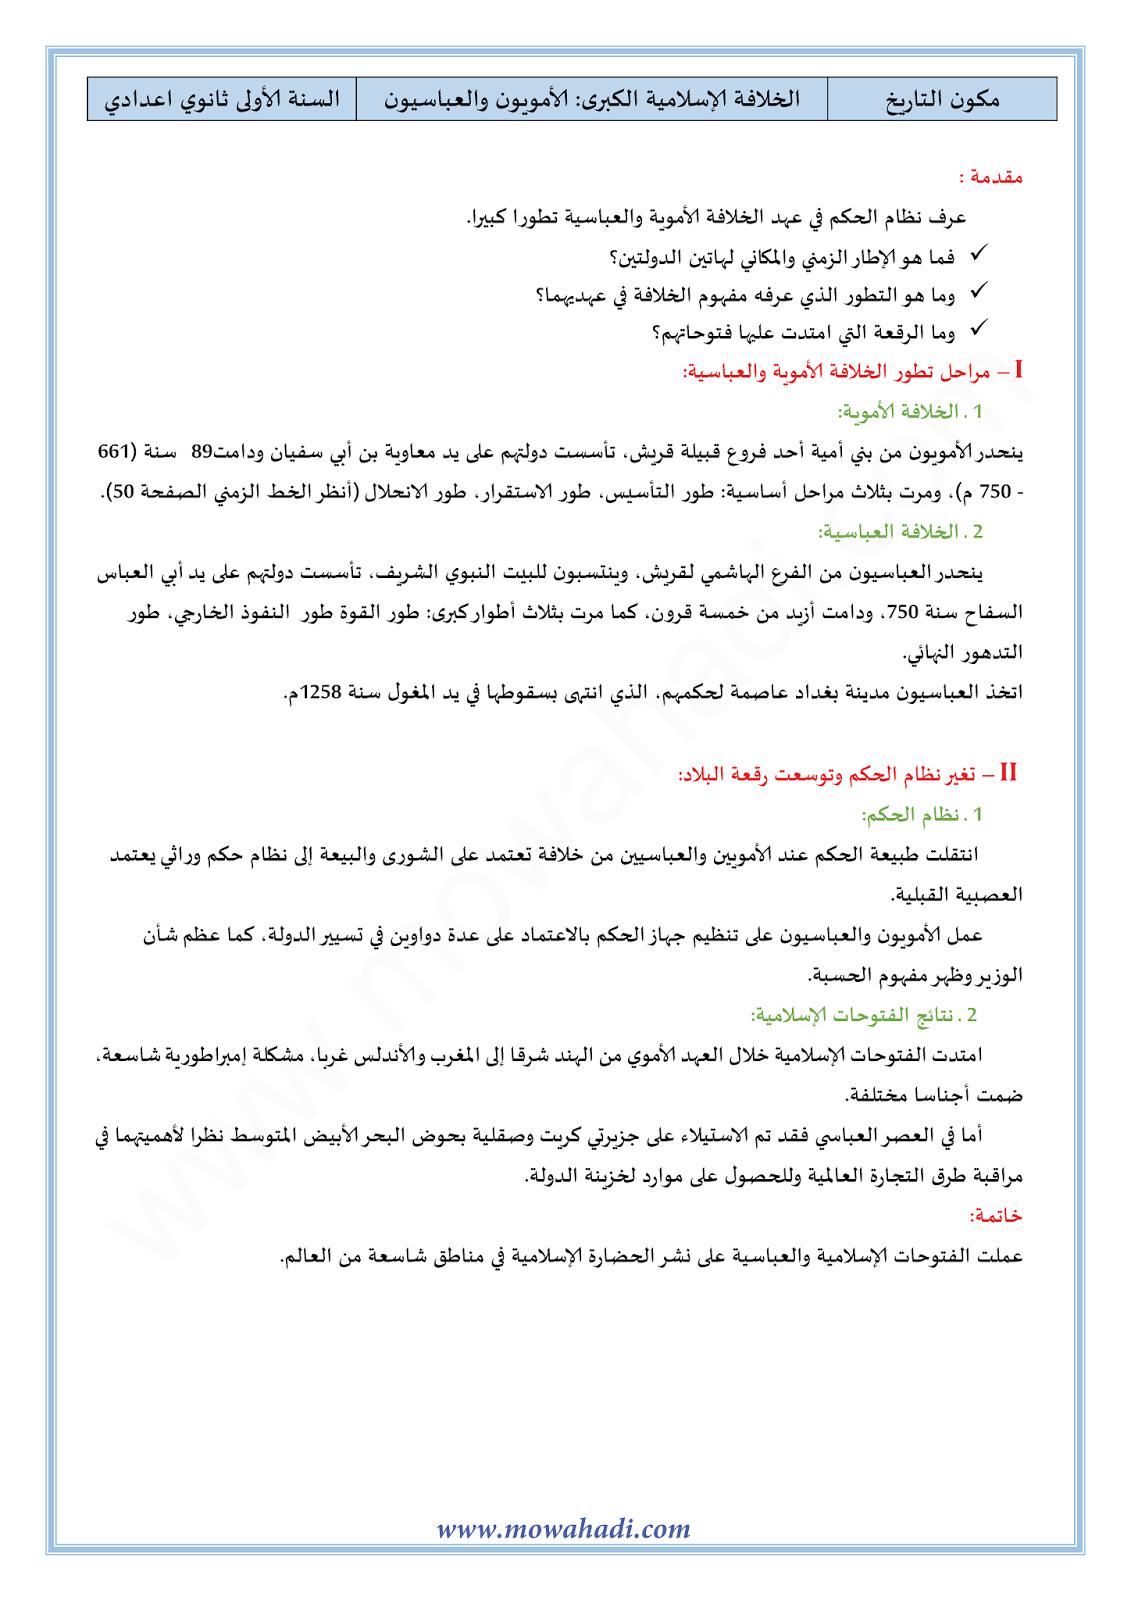 الخلافة الاسلامية الكبرى: الامويون و العباسيون